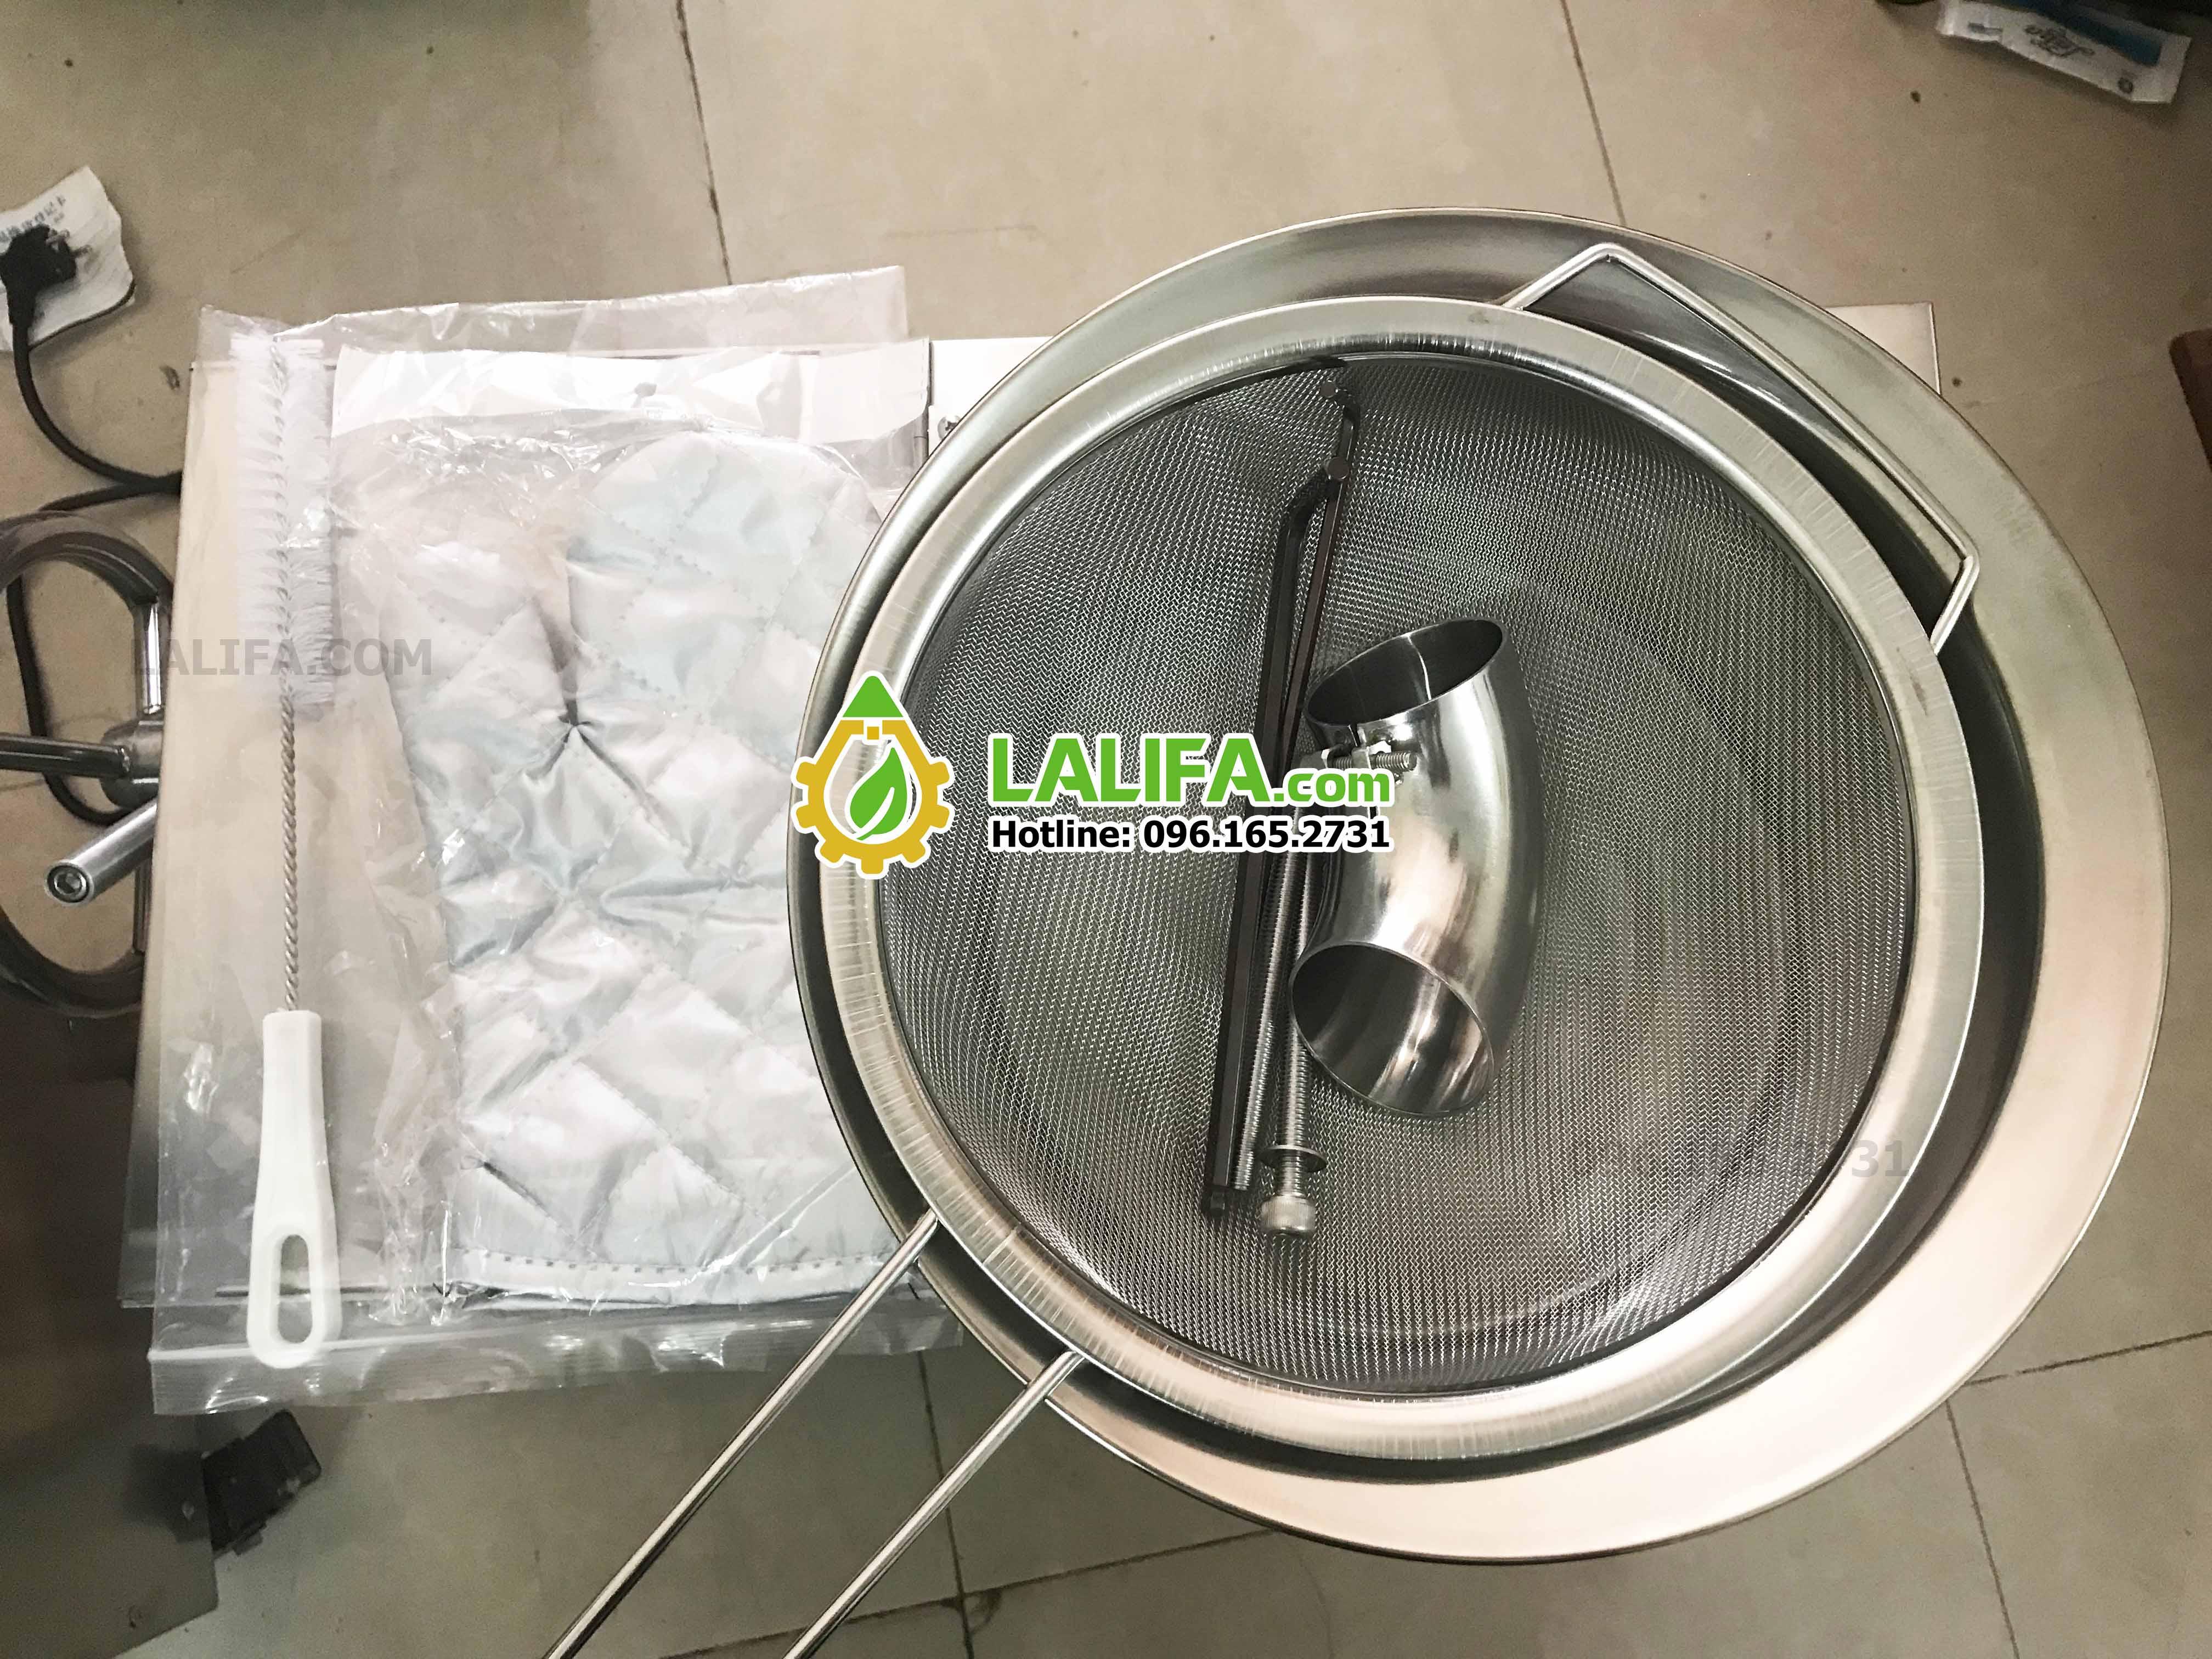 Máy ép dầu Lạc Lalifa21 10-20kg/h - 14